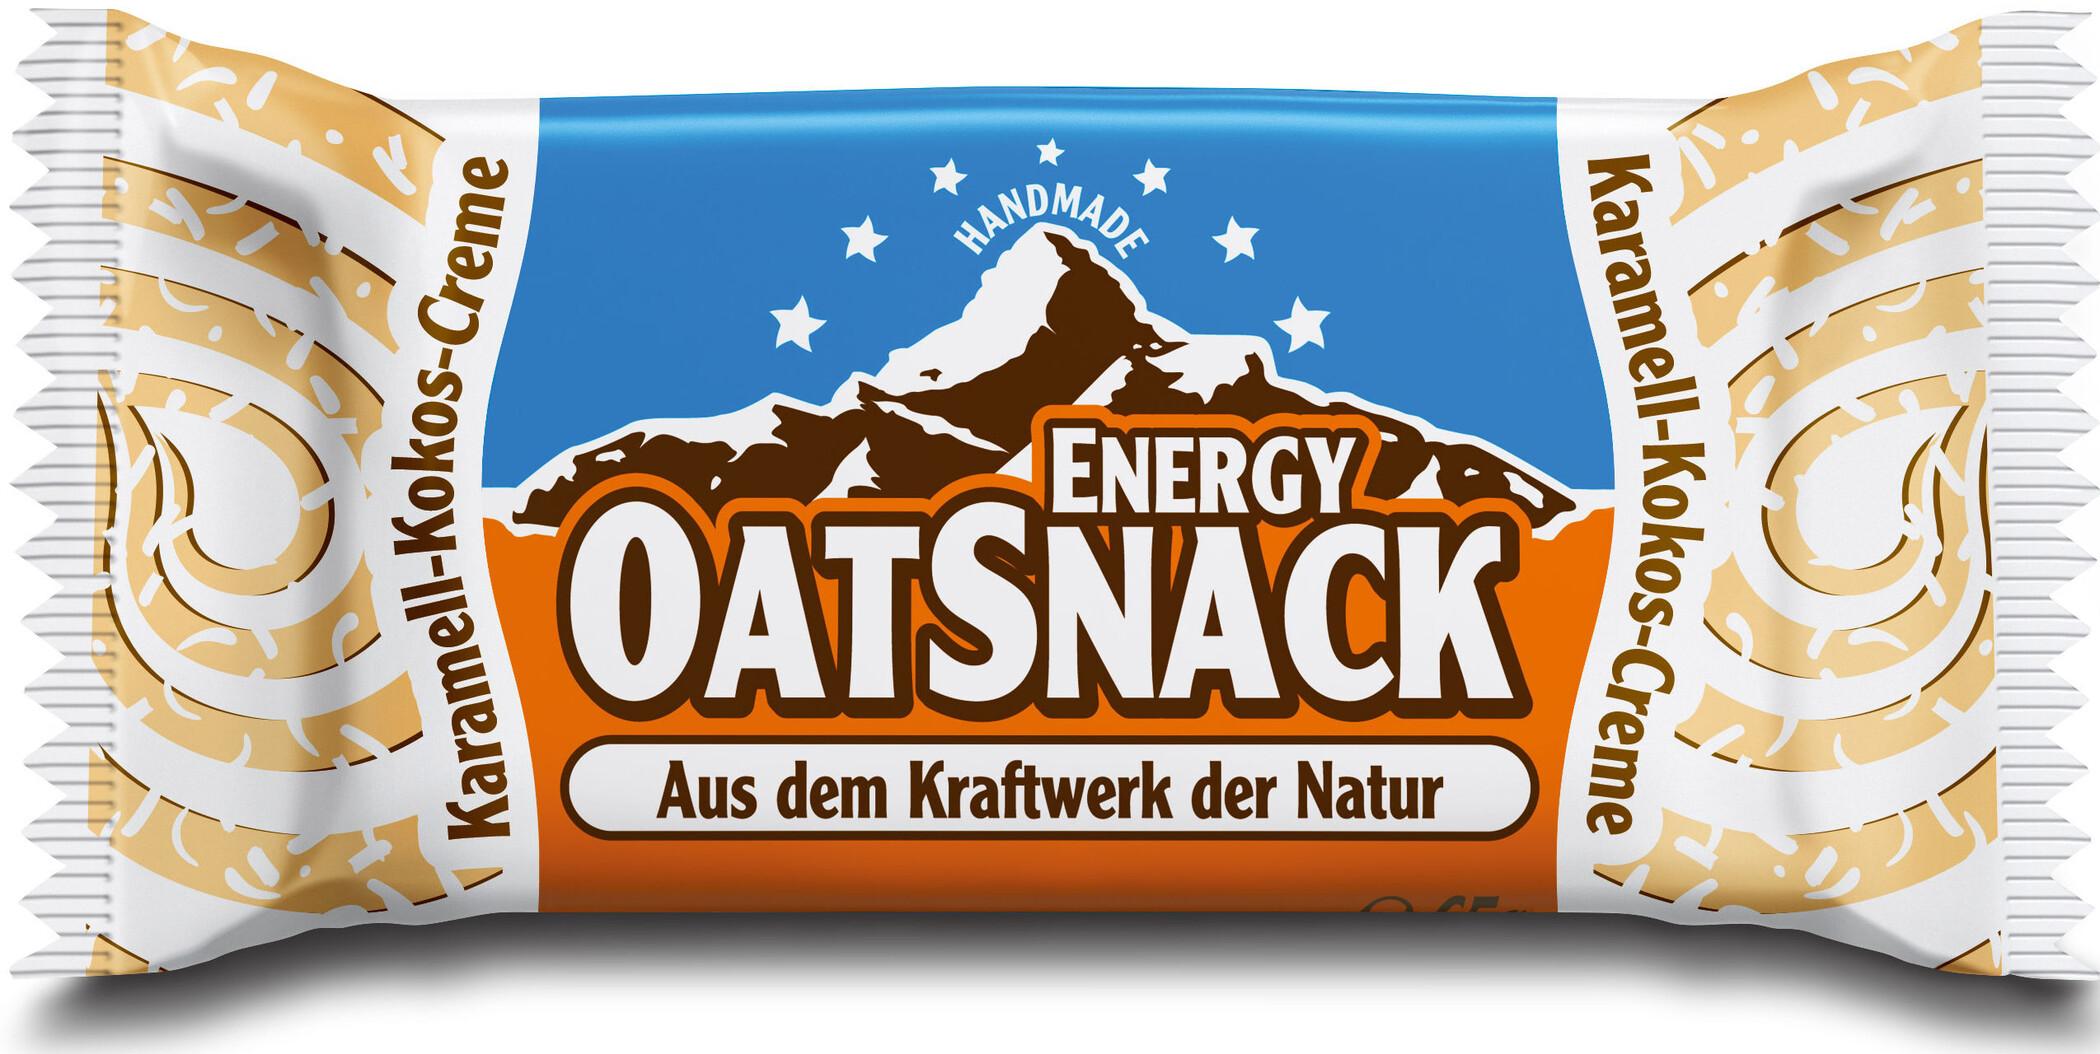 Energy OatSnack Styr 65g, Caramel-Coconut-Mousse | Handlebars